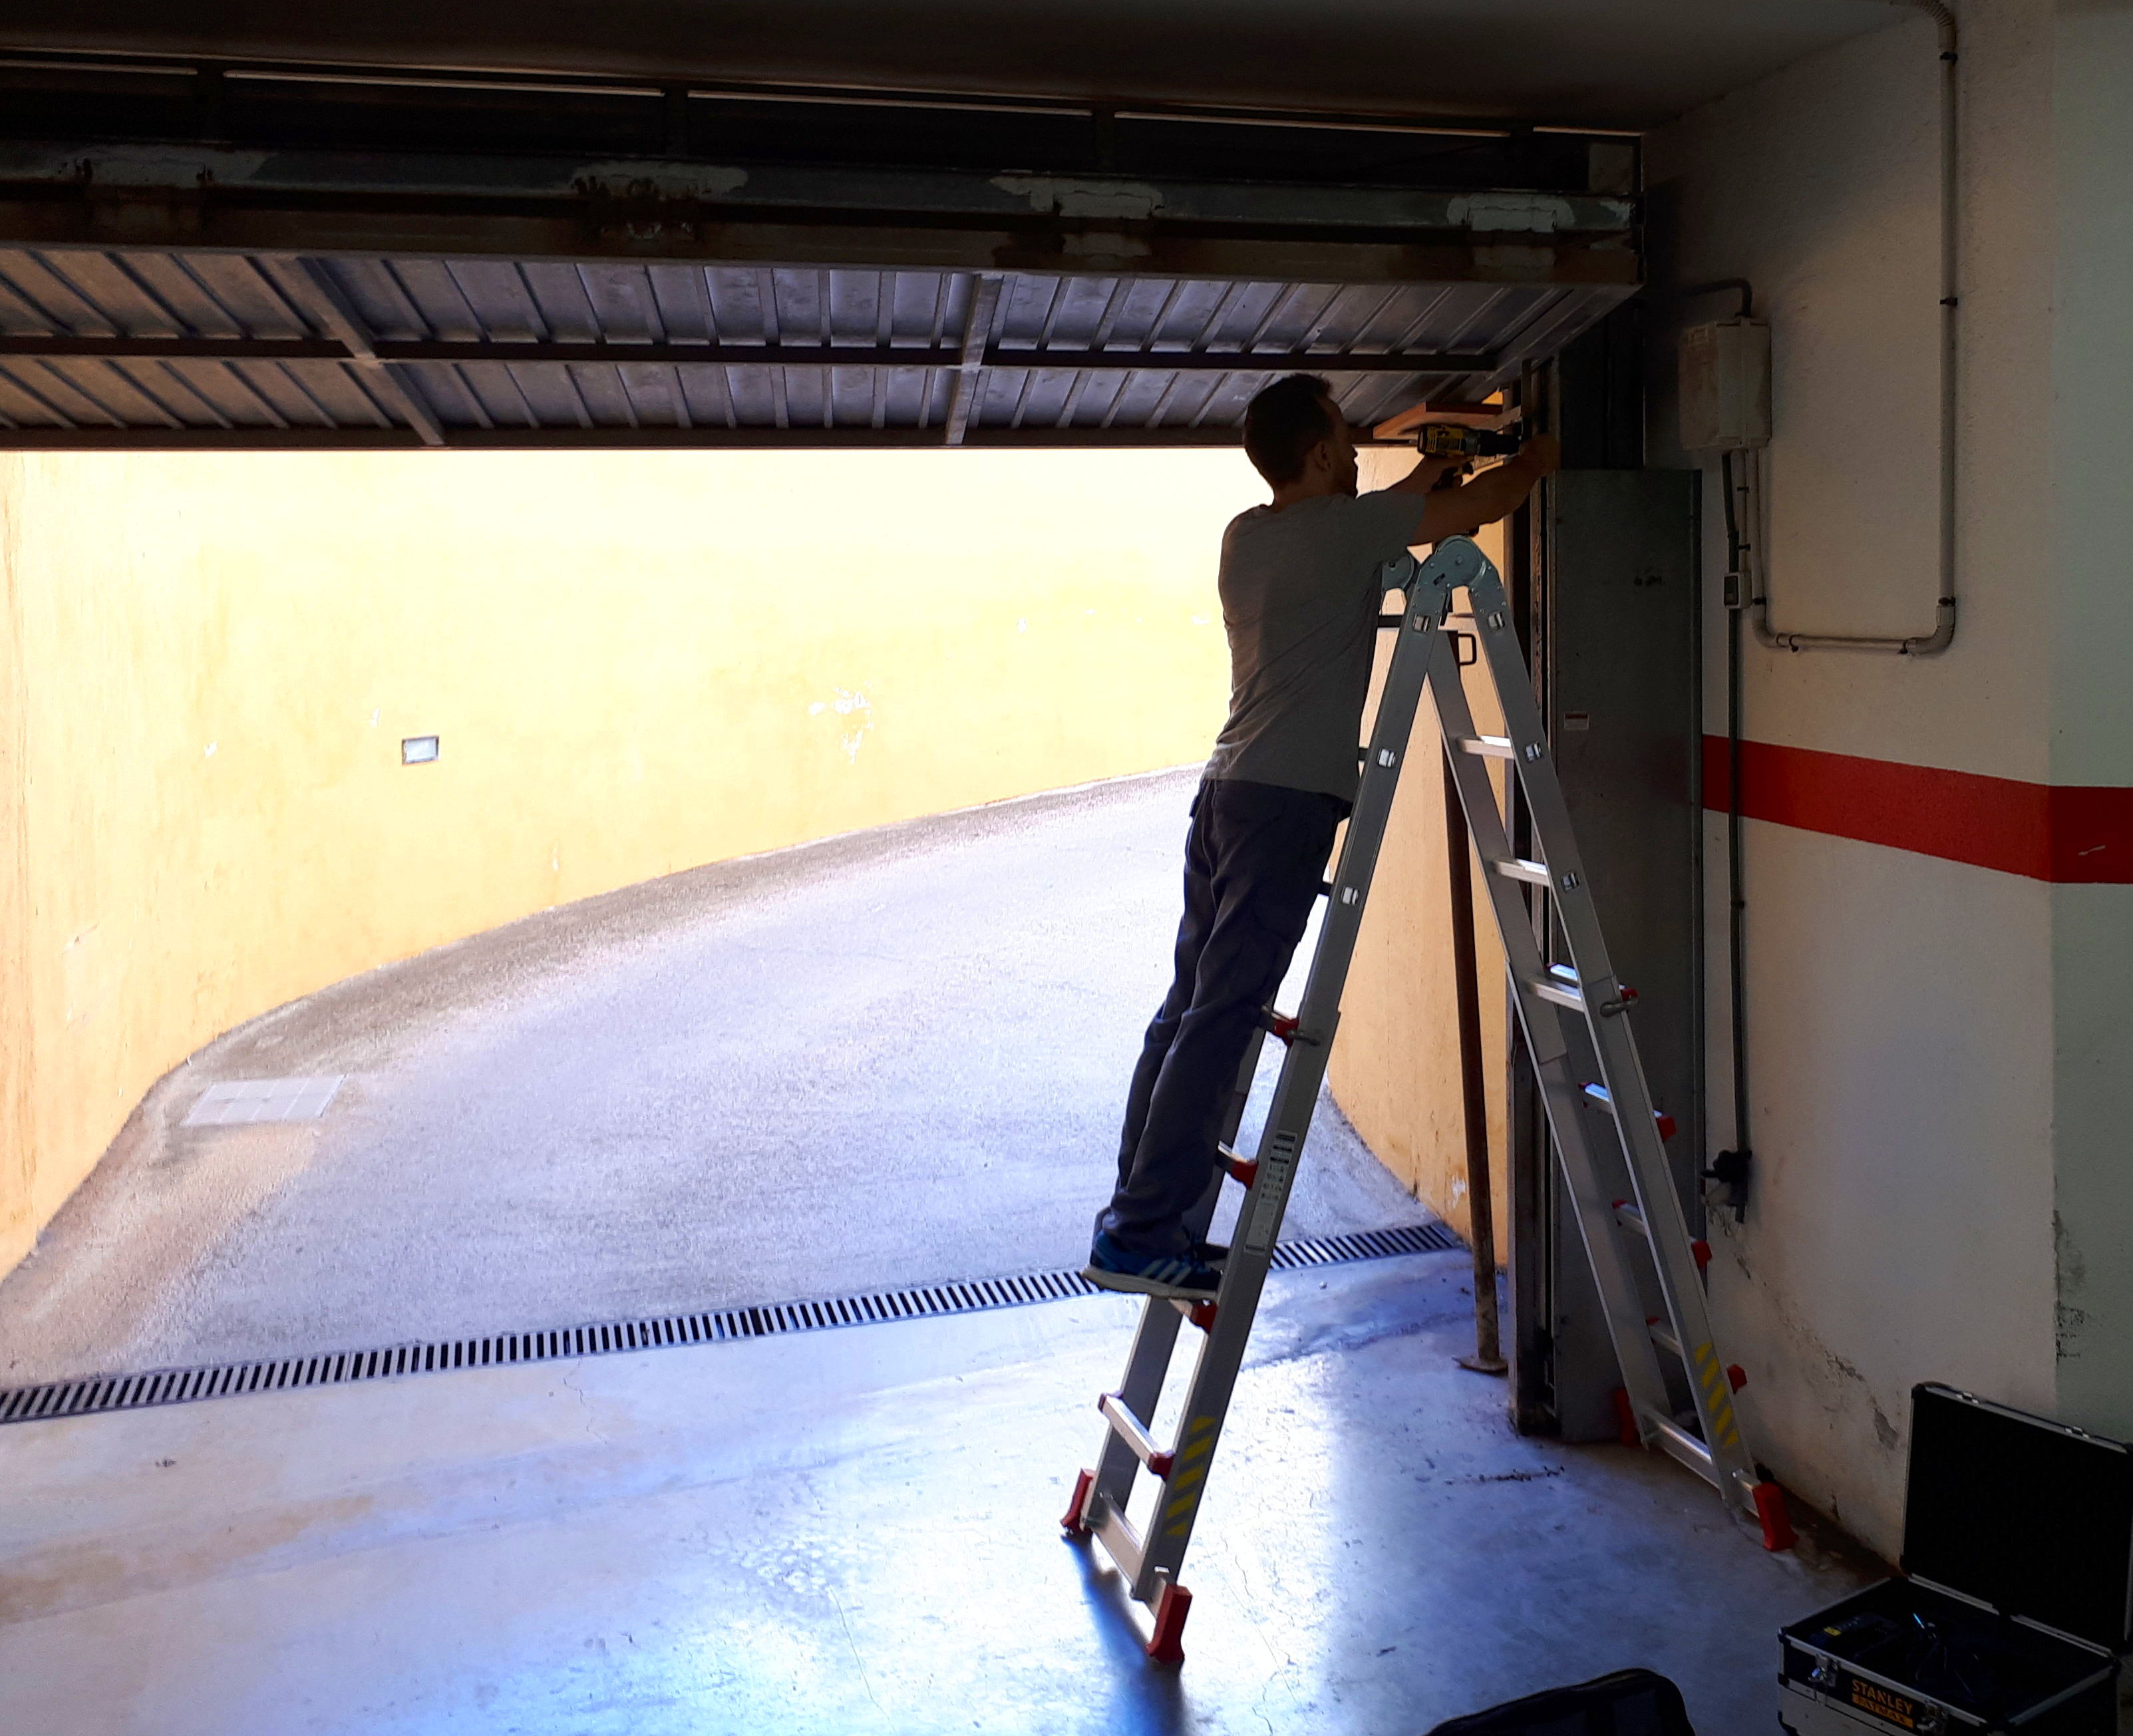 Foto 2 de Carpintería metálica en Ibiza | Cerramatic Ibiza 24 horas